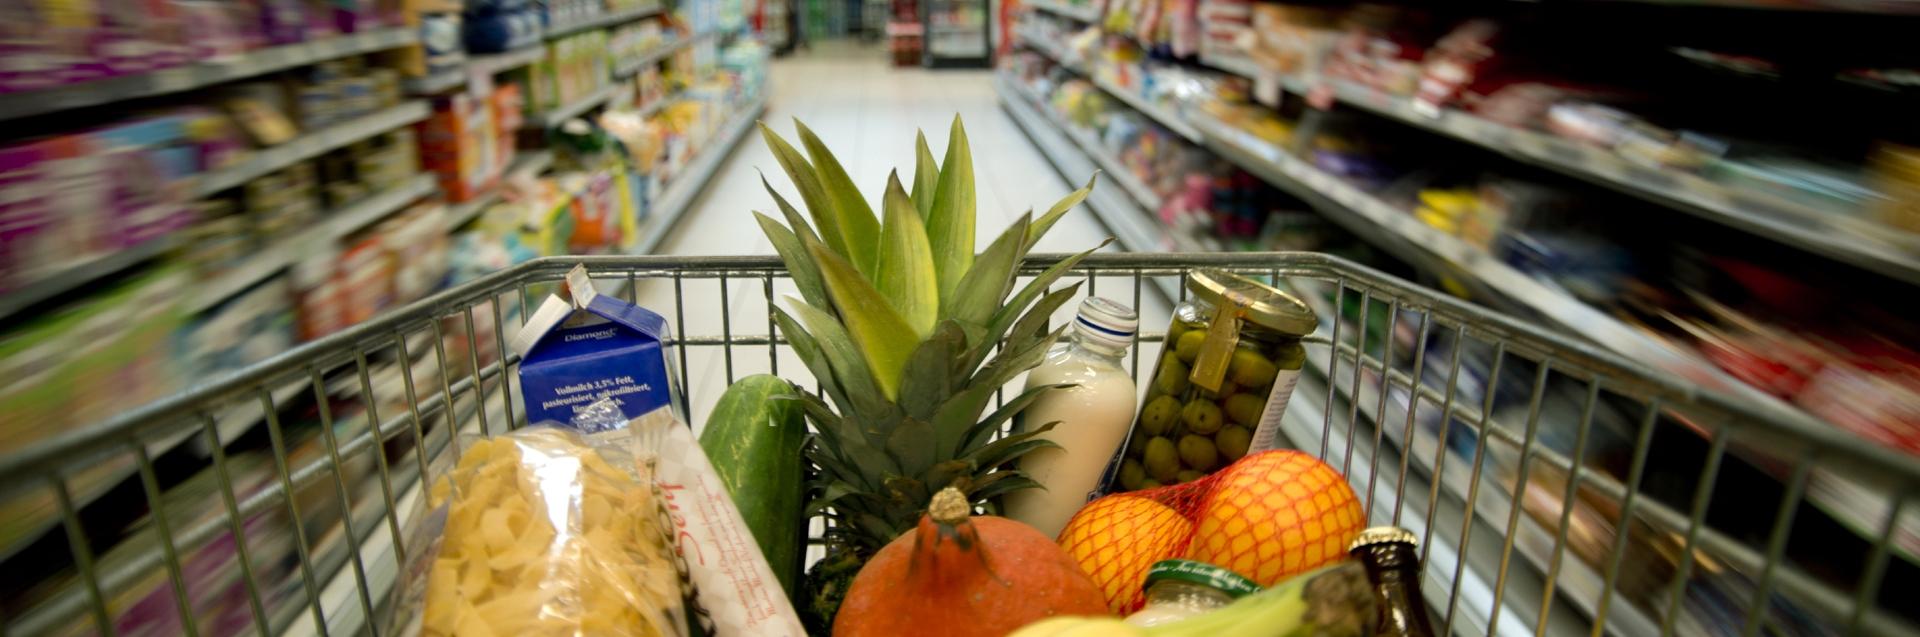 Store checks mresearch marktforschung testkäufe testkauf österreich austria